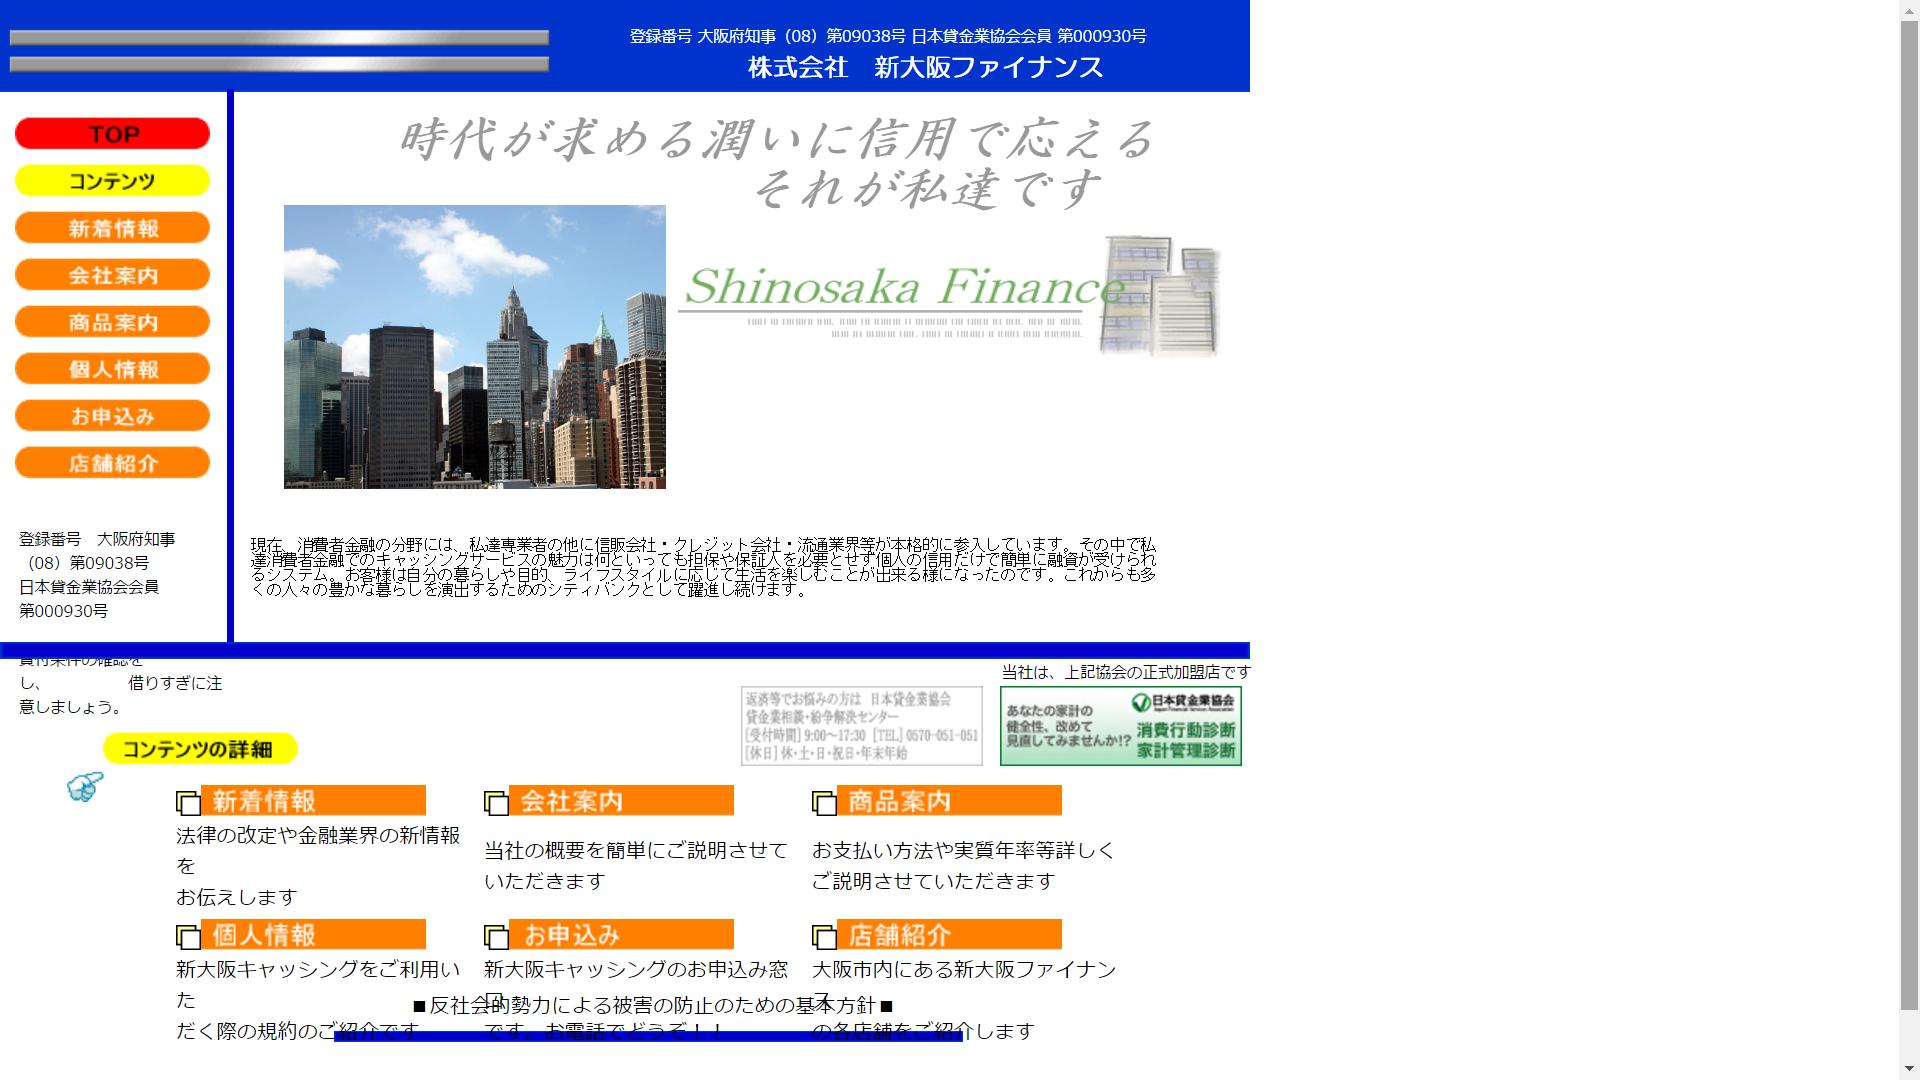 新大阪ファイナンス